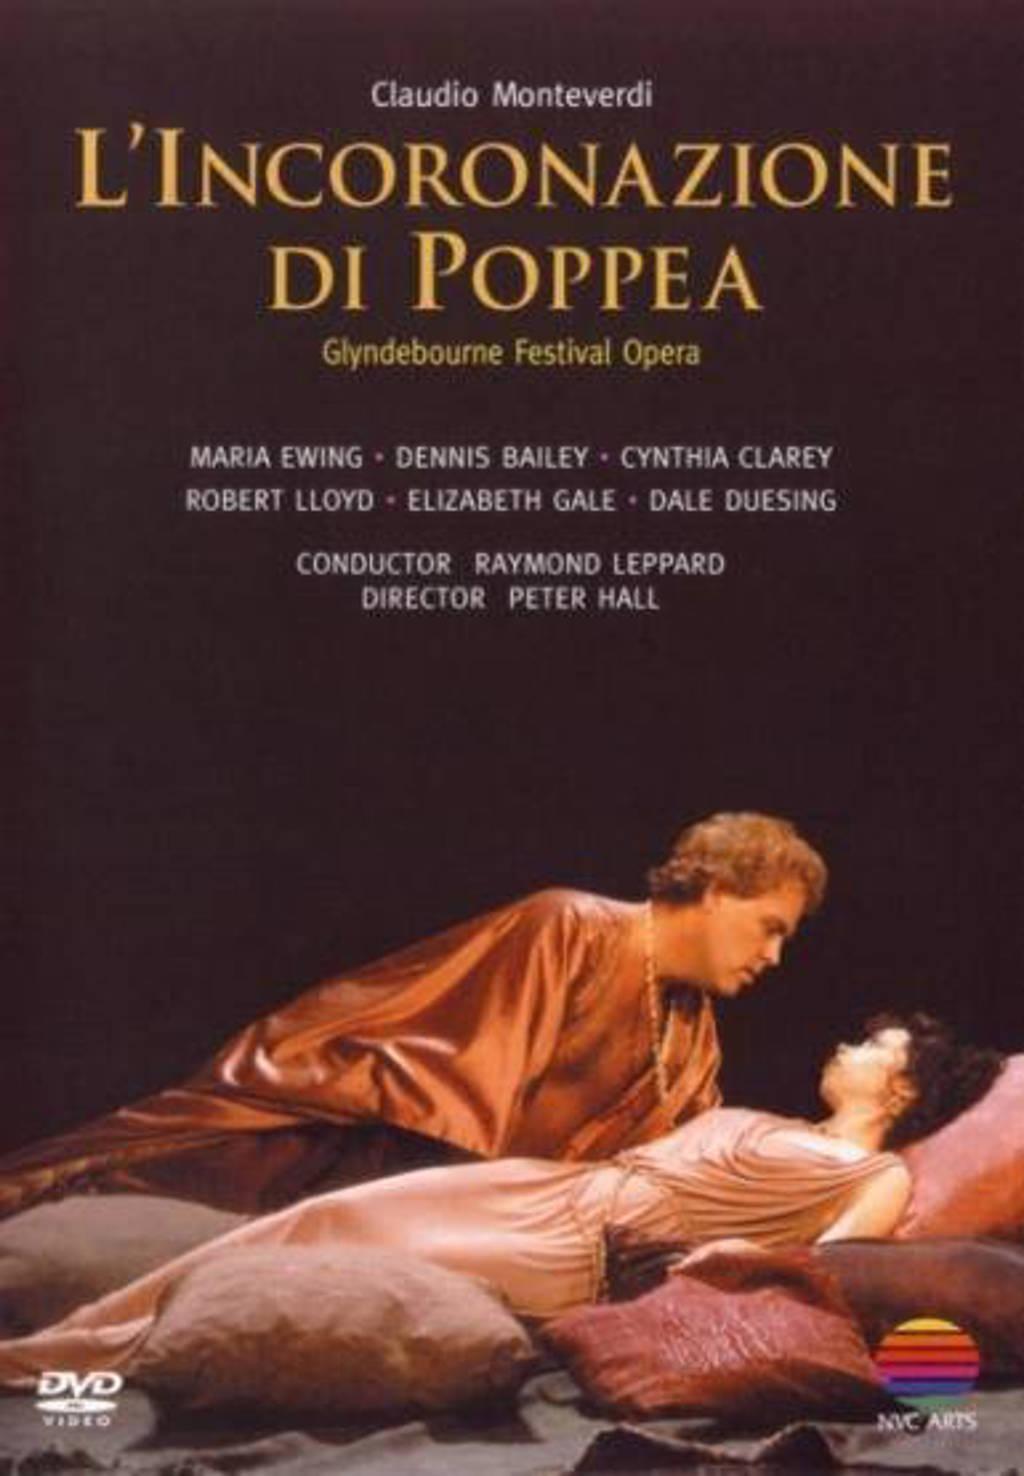 Glyndebourne Festival Opera - L'Incoronazione Di Poppea (DVD)